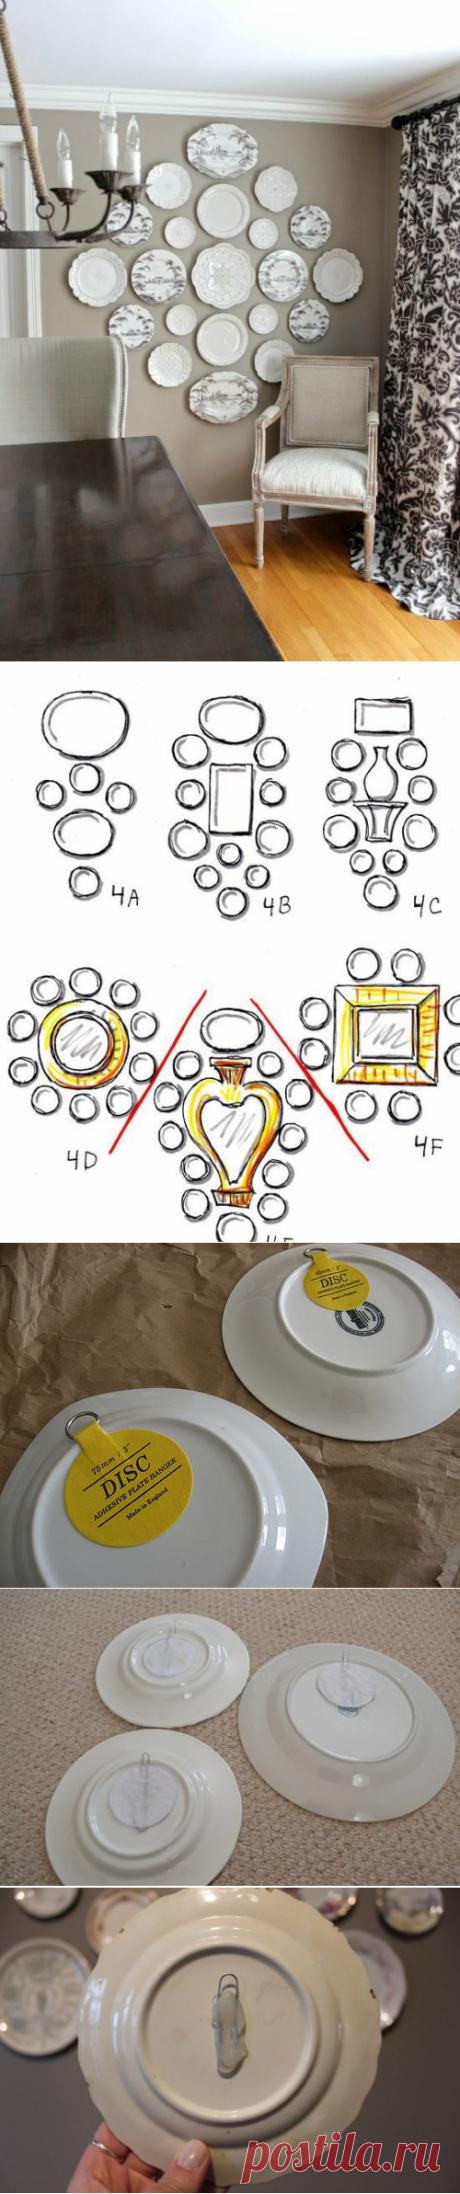 Как повесить тарелки на стену (трафик, подборка) / Кухня / ВТОРАЯ УЛИЦА